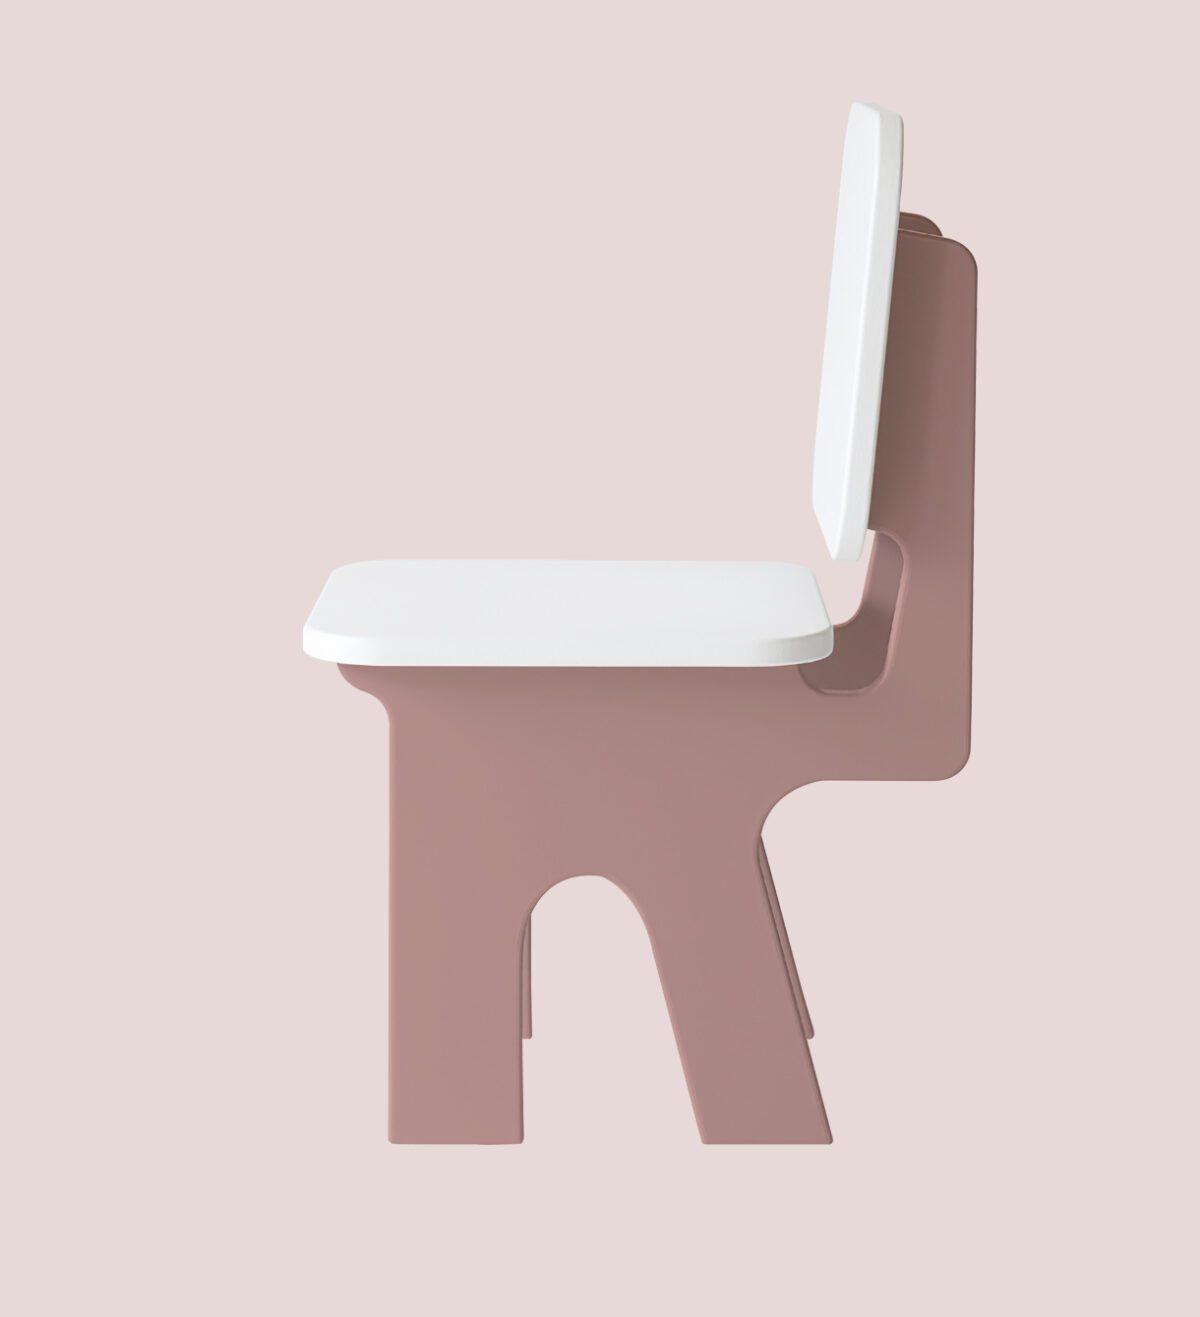 Kinderstoel met kindertafel Dipperdee zachtroze Jindl